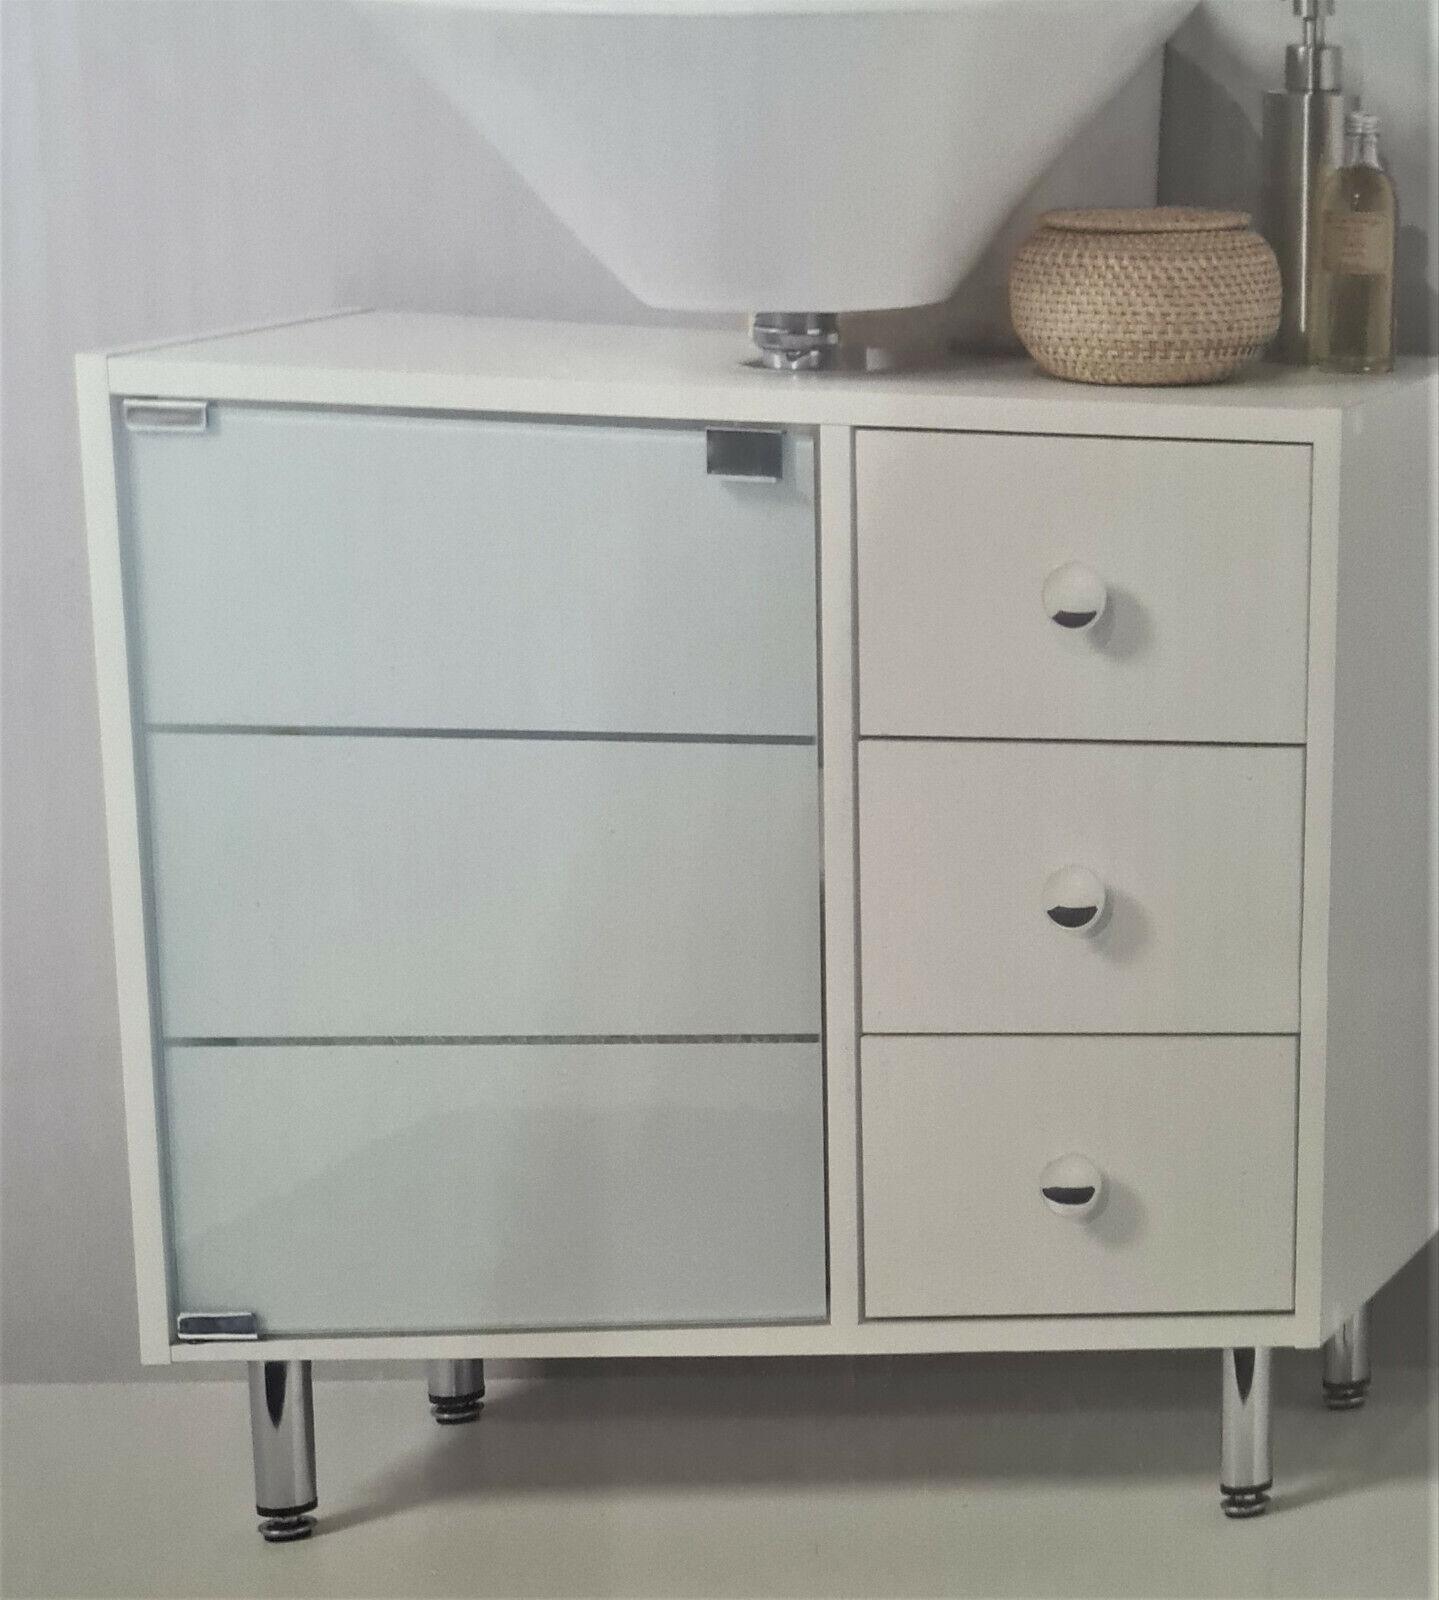 FMD Badezimmerschrank Höhenverstellbar Wasch Becken Unterschrank Badschrank